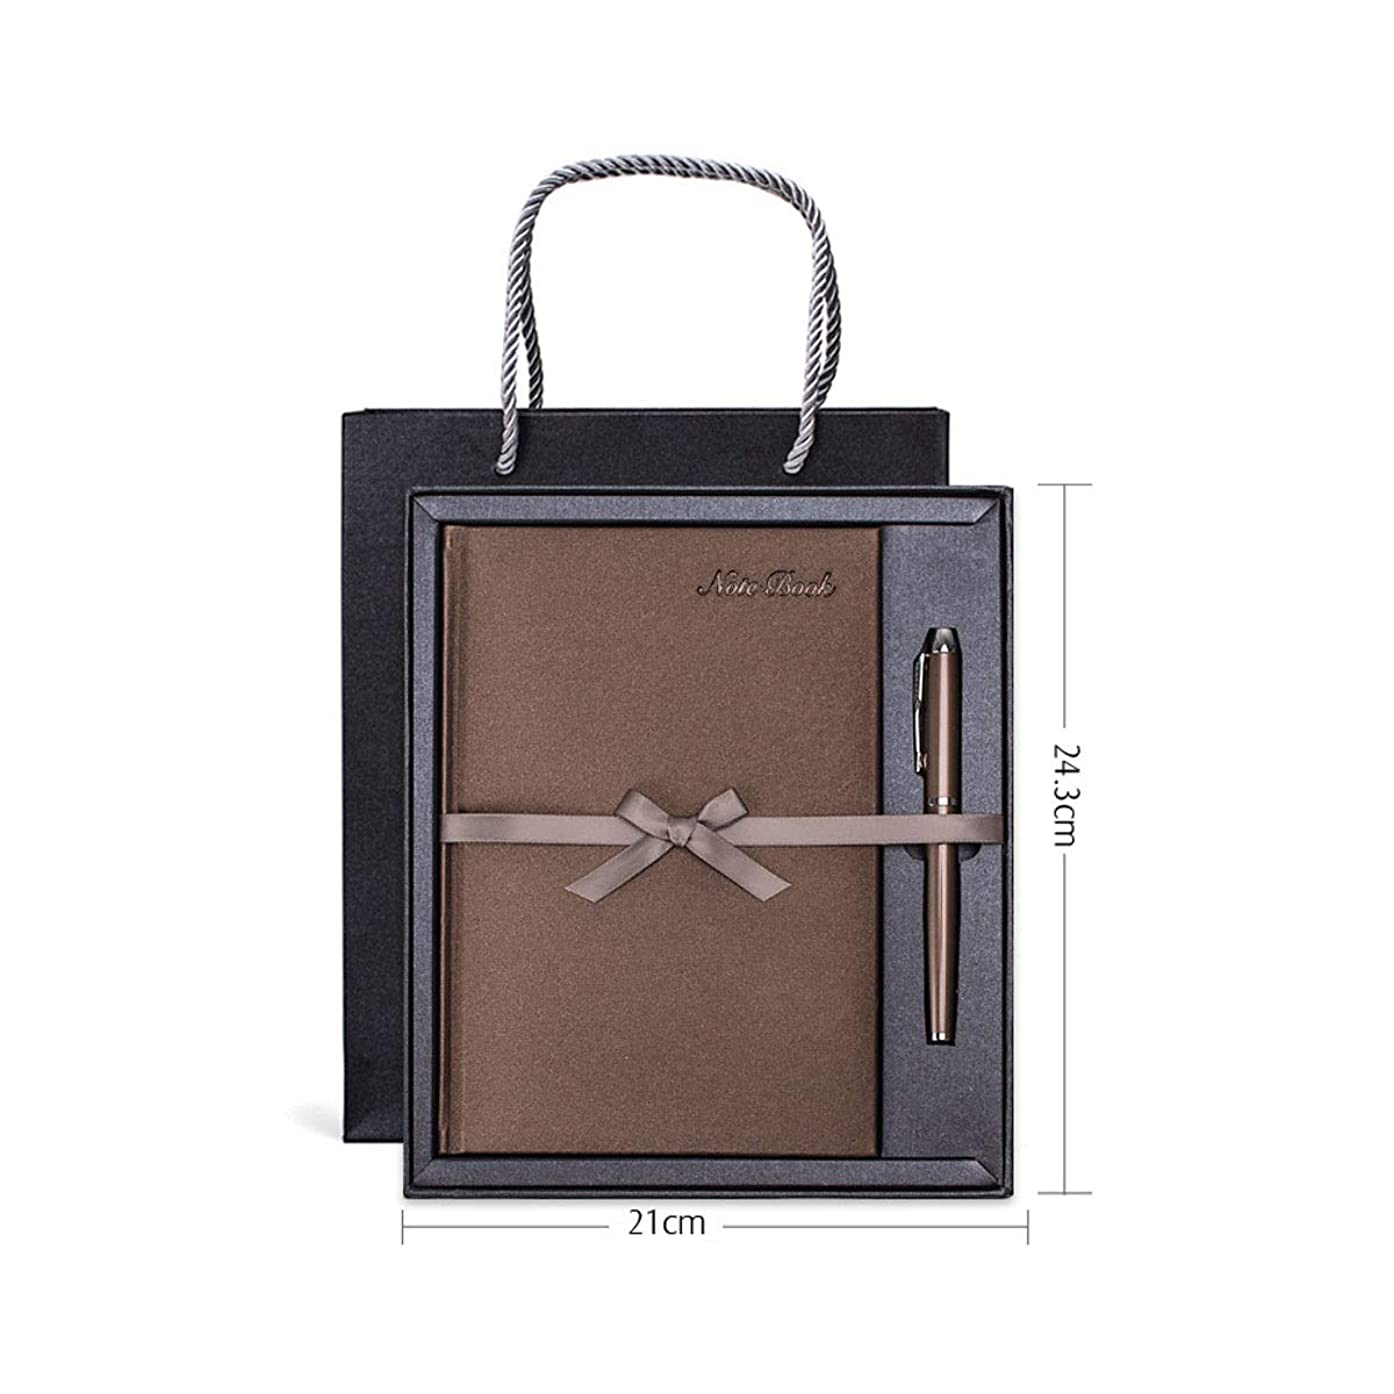 計算可能ドライ道徳Guyuexuan 青、赤、茶色、黒、ノートブックセット、父の日ギフト、ギフトボックスビジネス会議メモ帳、事務用便箋、クリエイティブブック 高品質の製品 4 (Color : Brown)